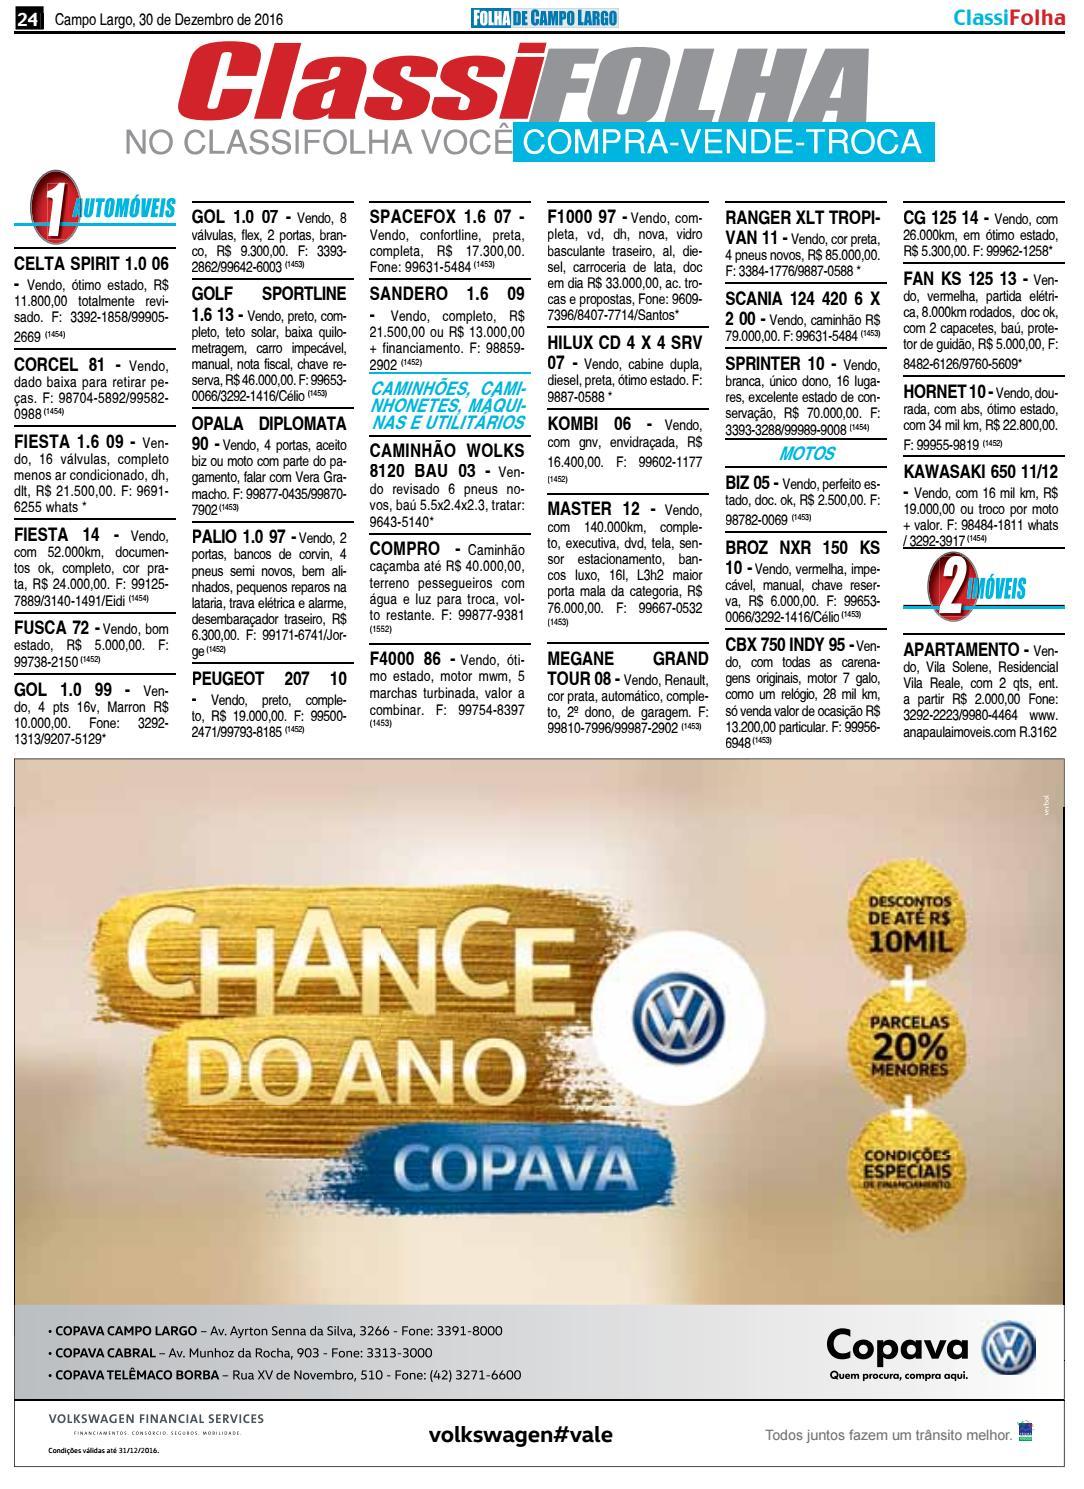 Edição 1452 - 30 12 16 by Folha de Campo Largo - issuu